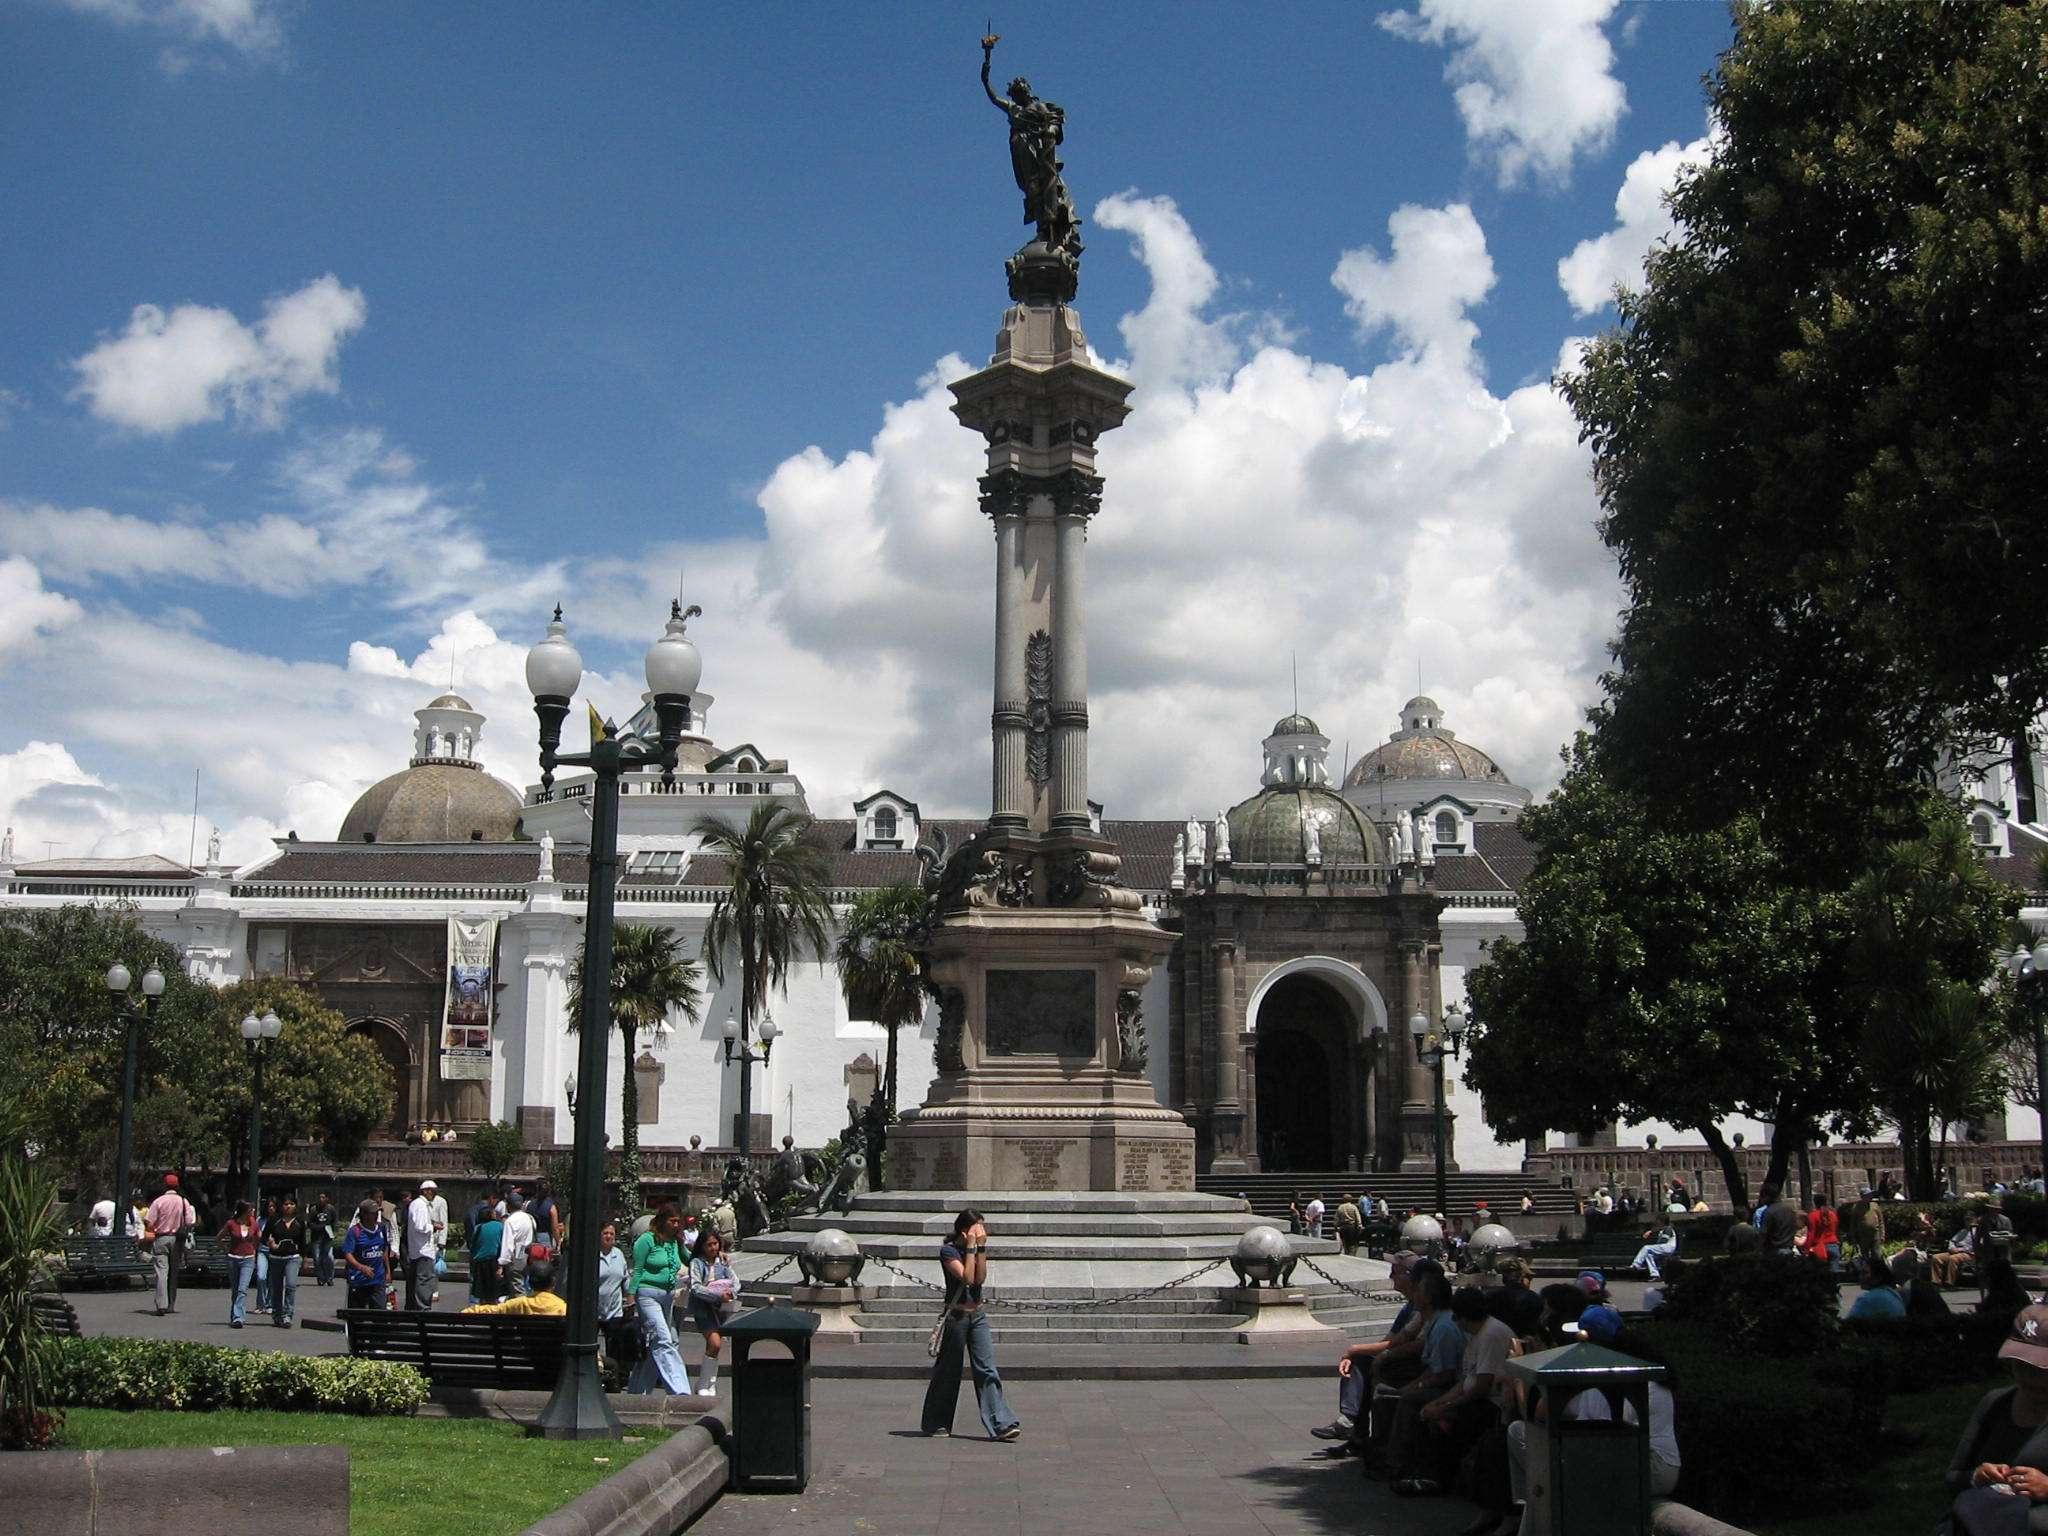 投资移民厄瓜多尔的好时机,机遇可遇不可求